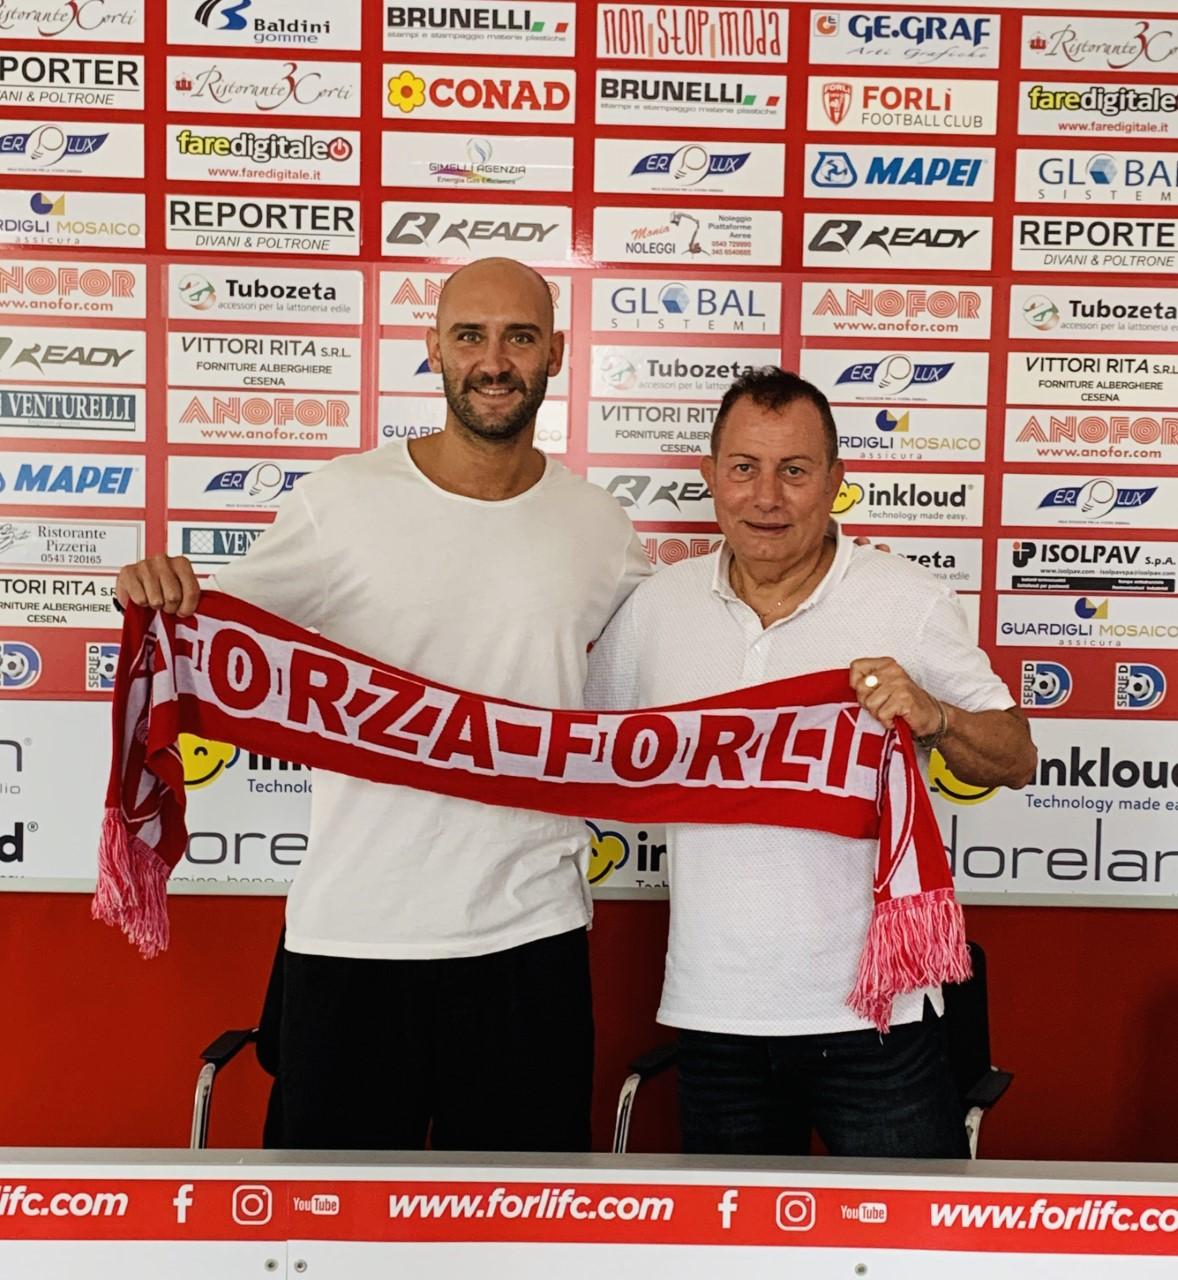 Nicola-Ferrari Forlì Calcio